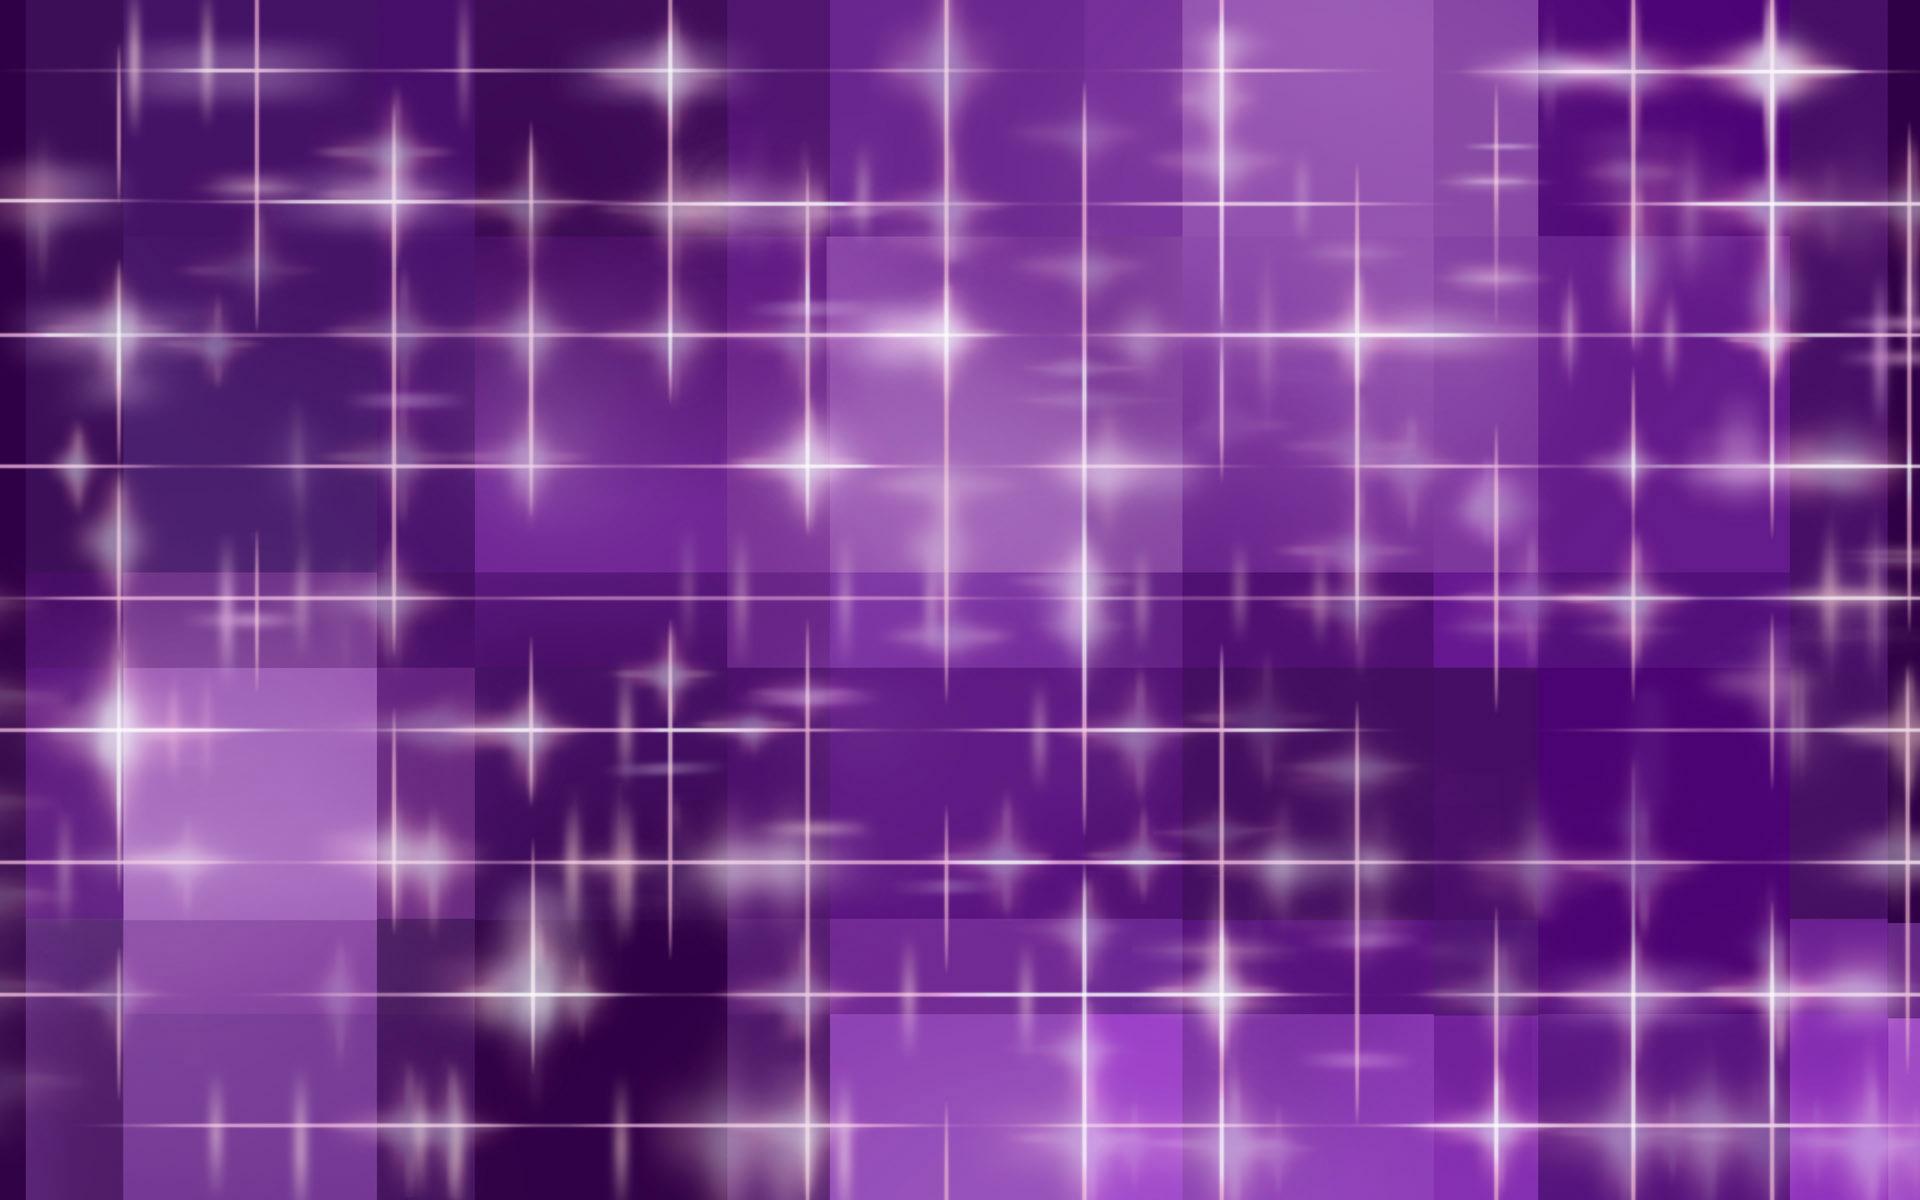 Как сделать фиолетовый в фотошопе